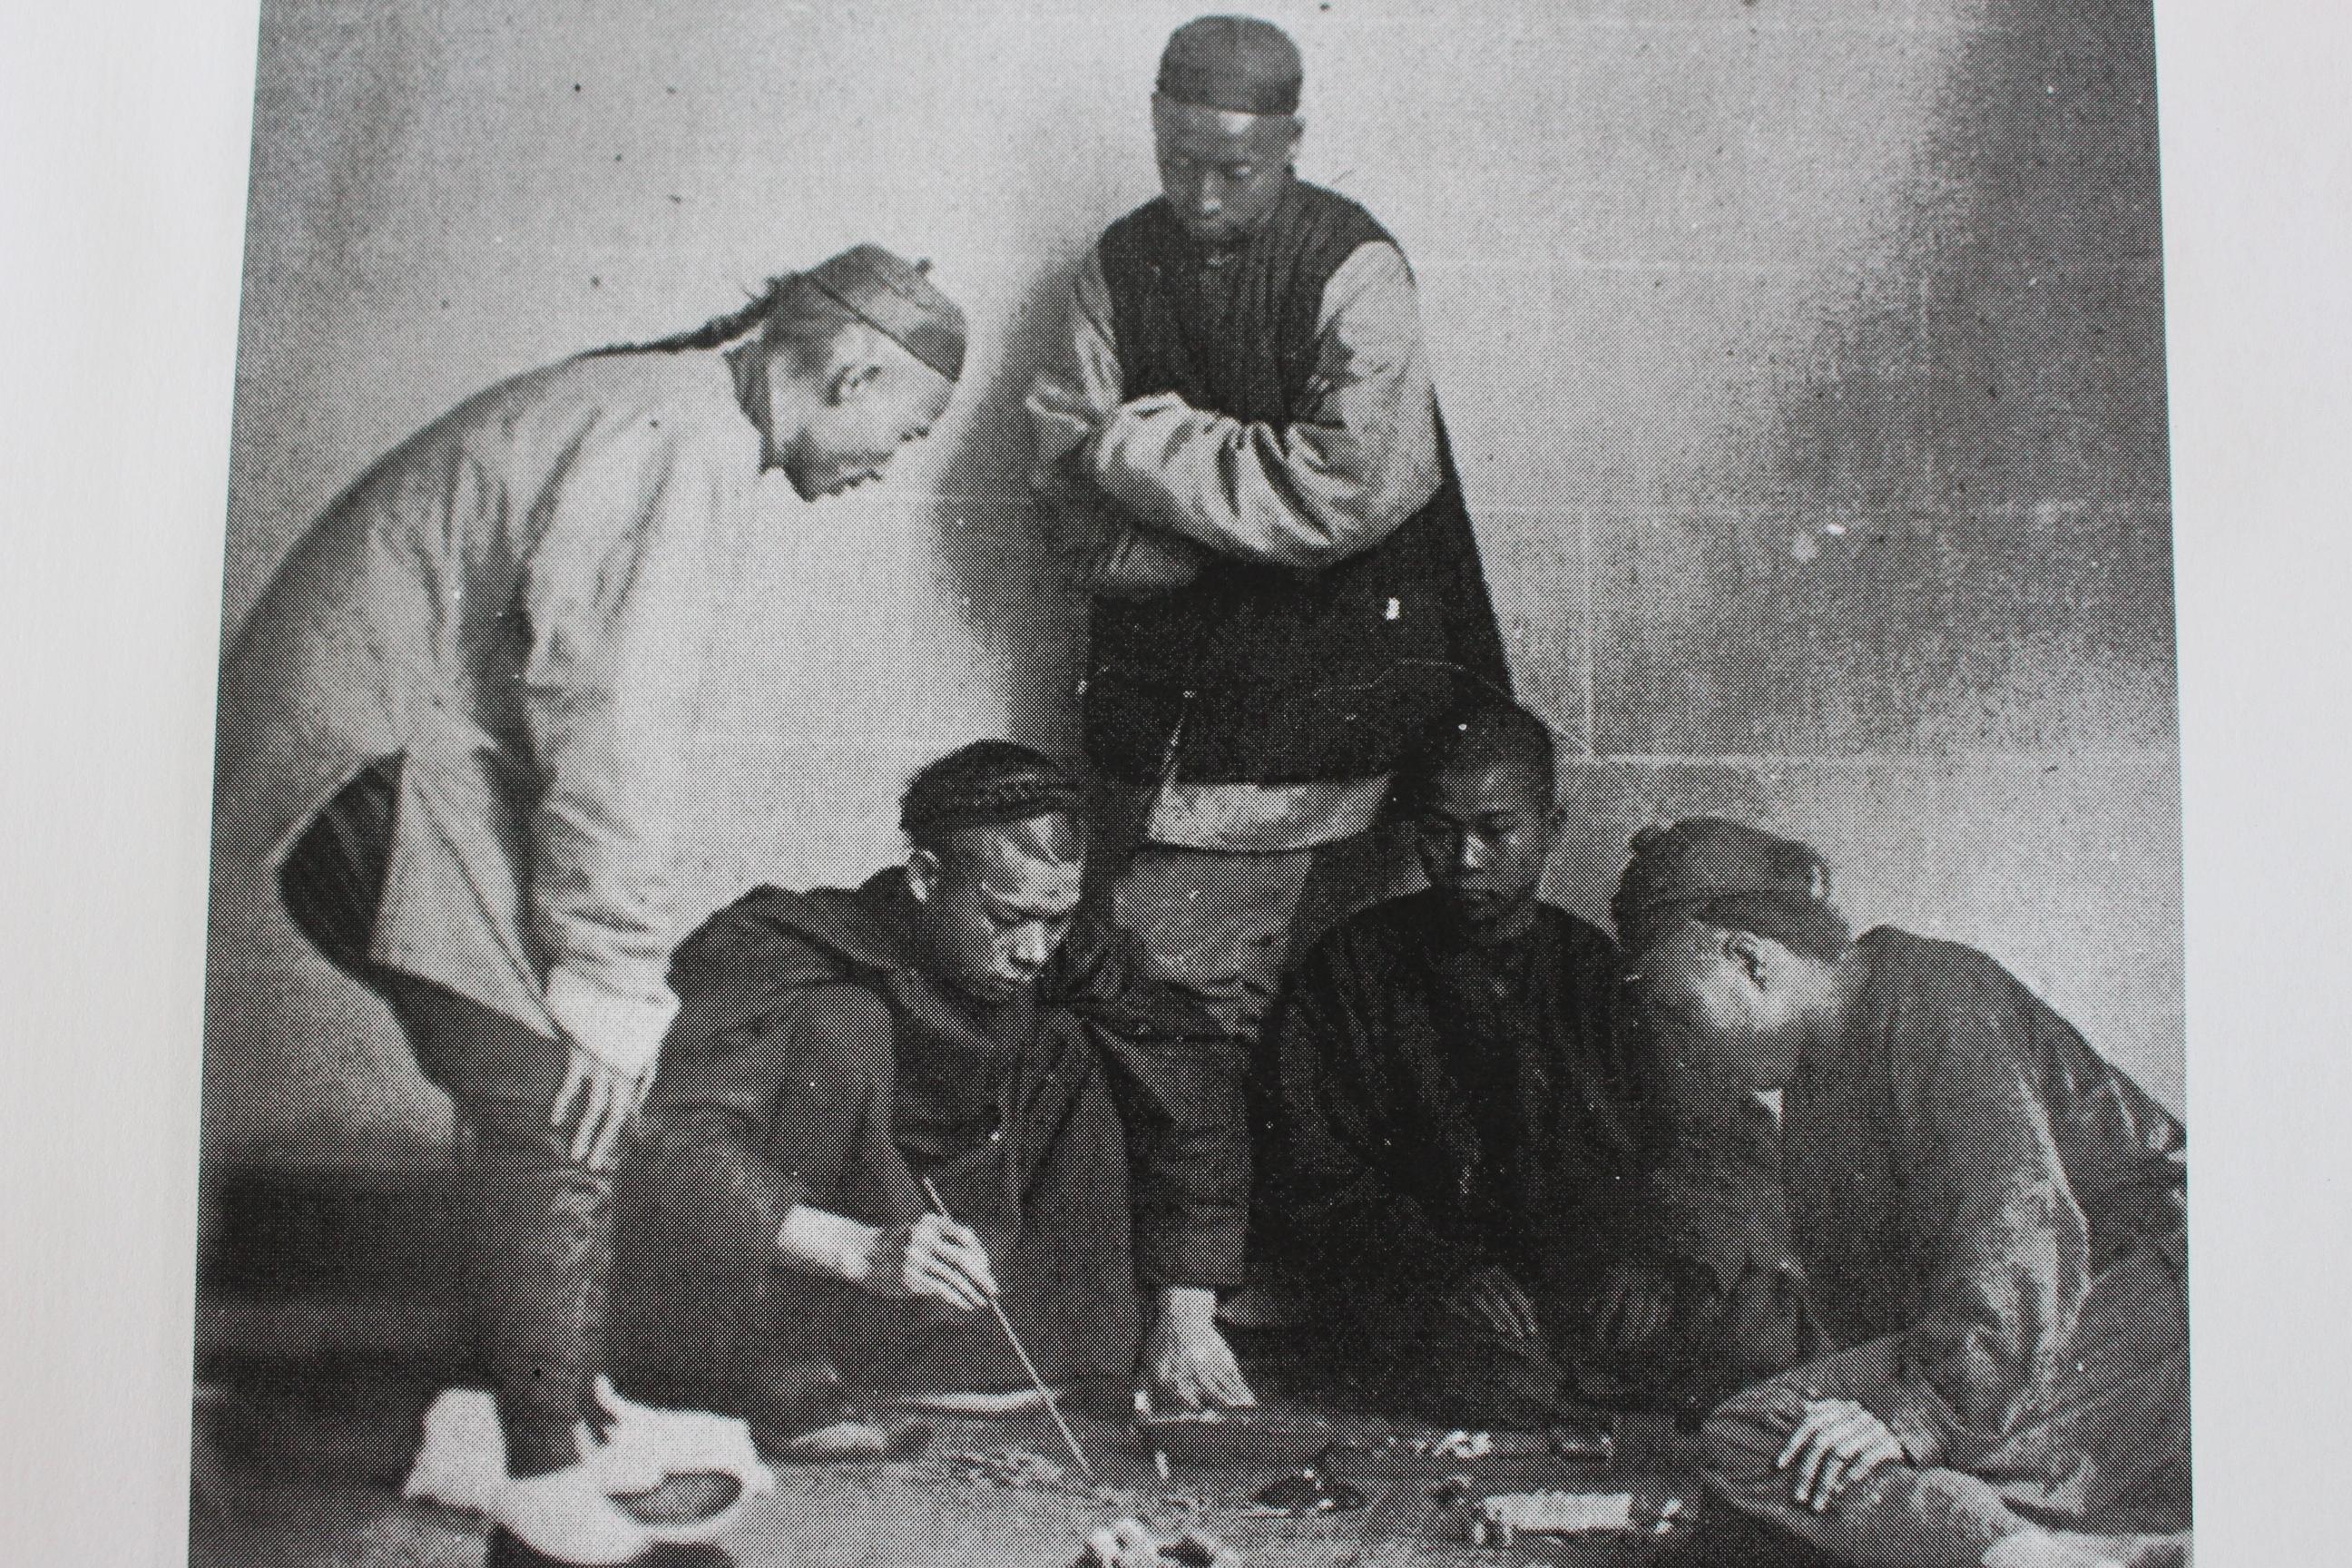 Un groupe de joueurs fait des paris dans la rue pris dans les années 1870. Crédit John Hall.